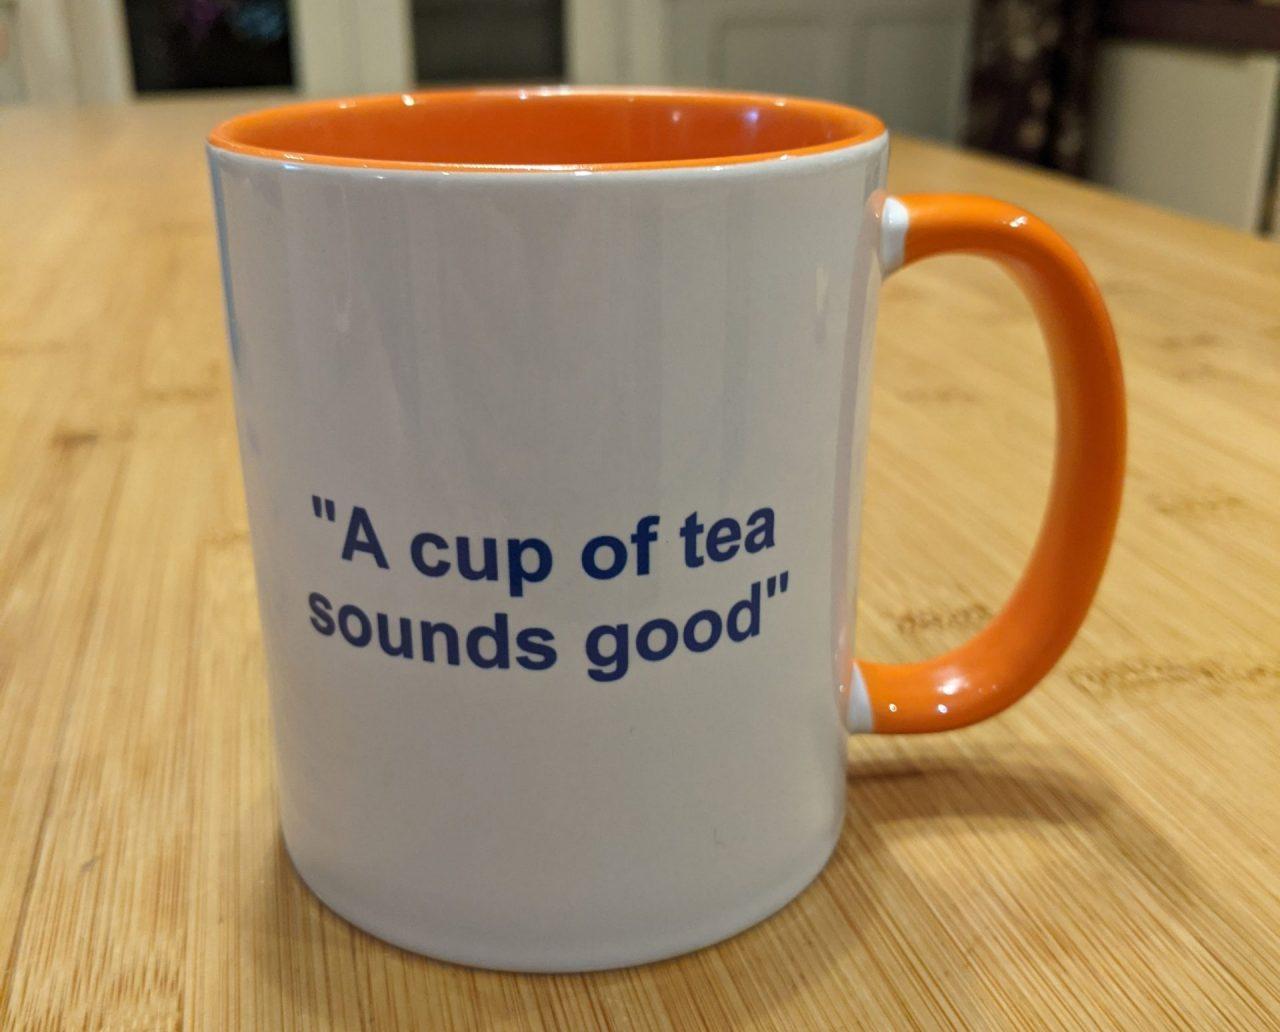 A cup of tea sounds good